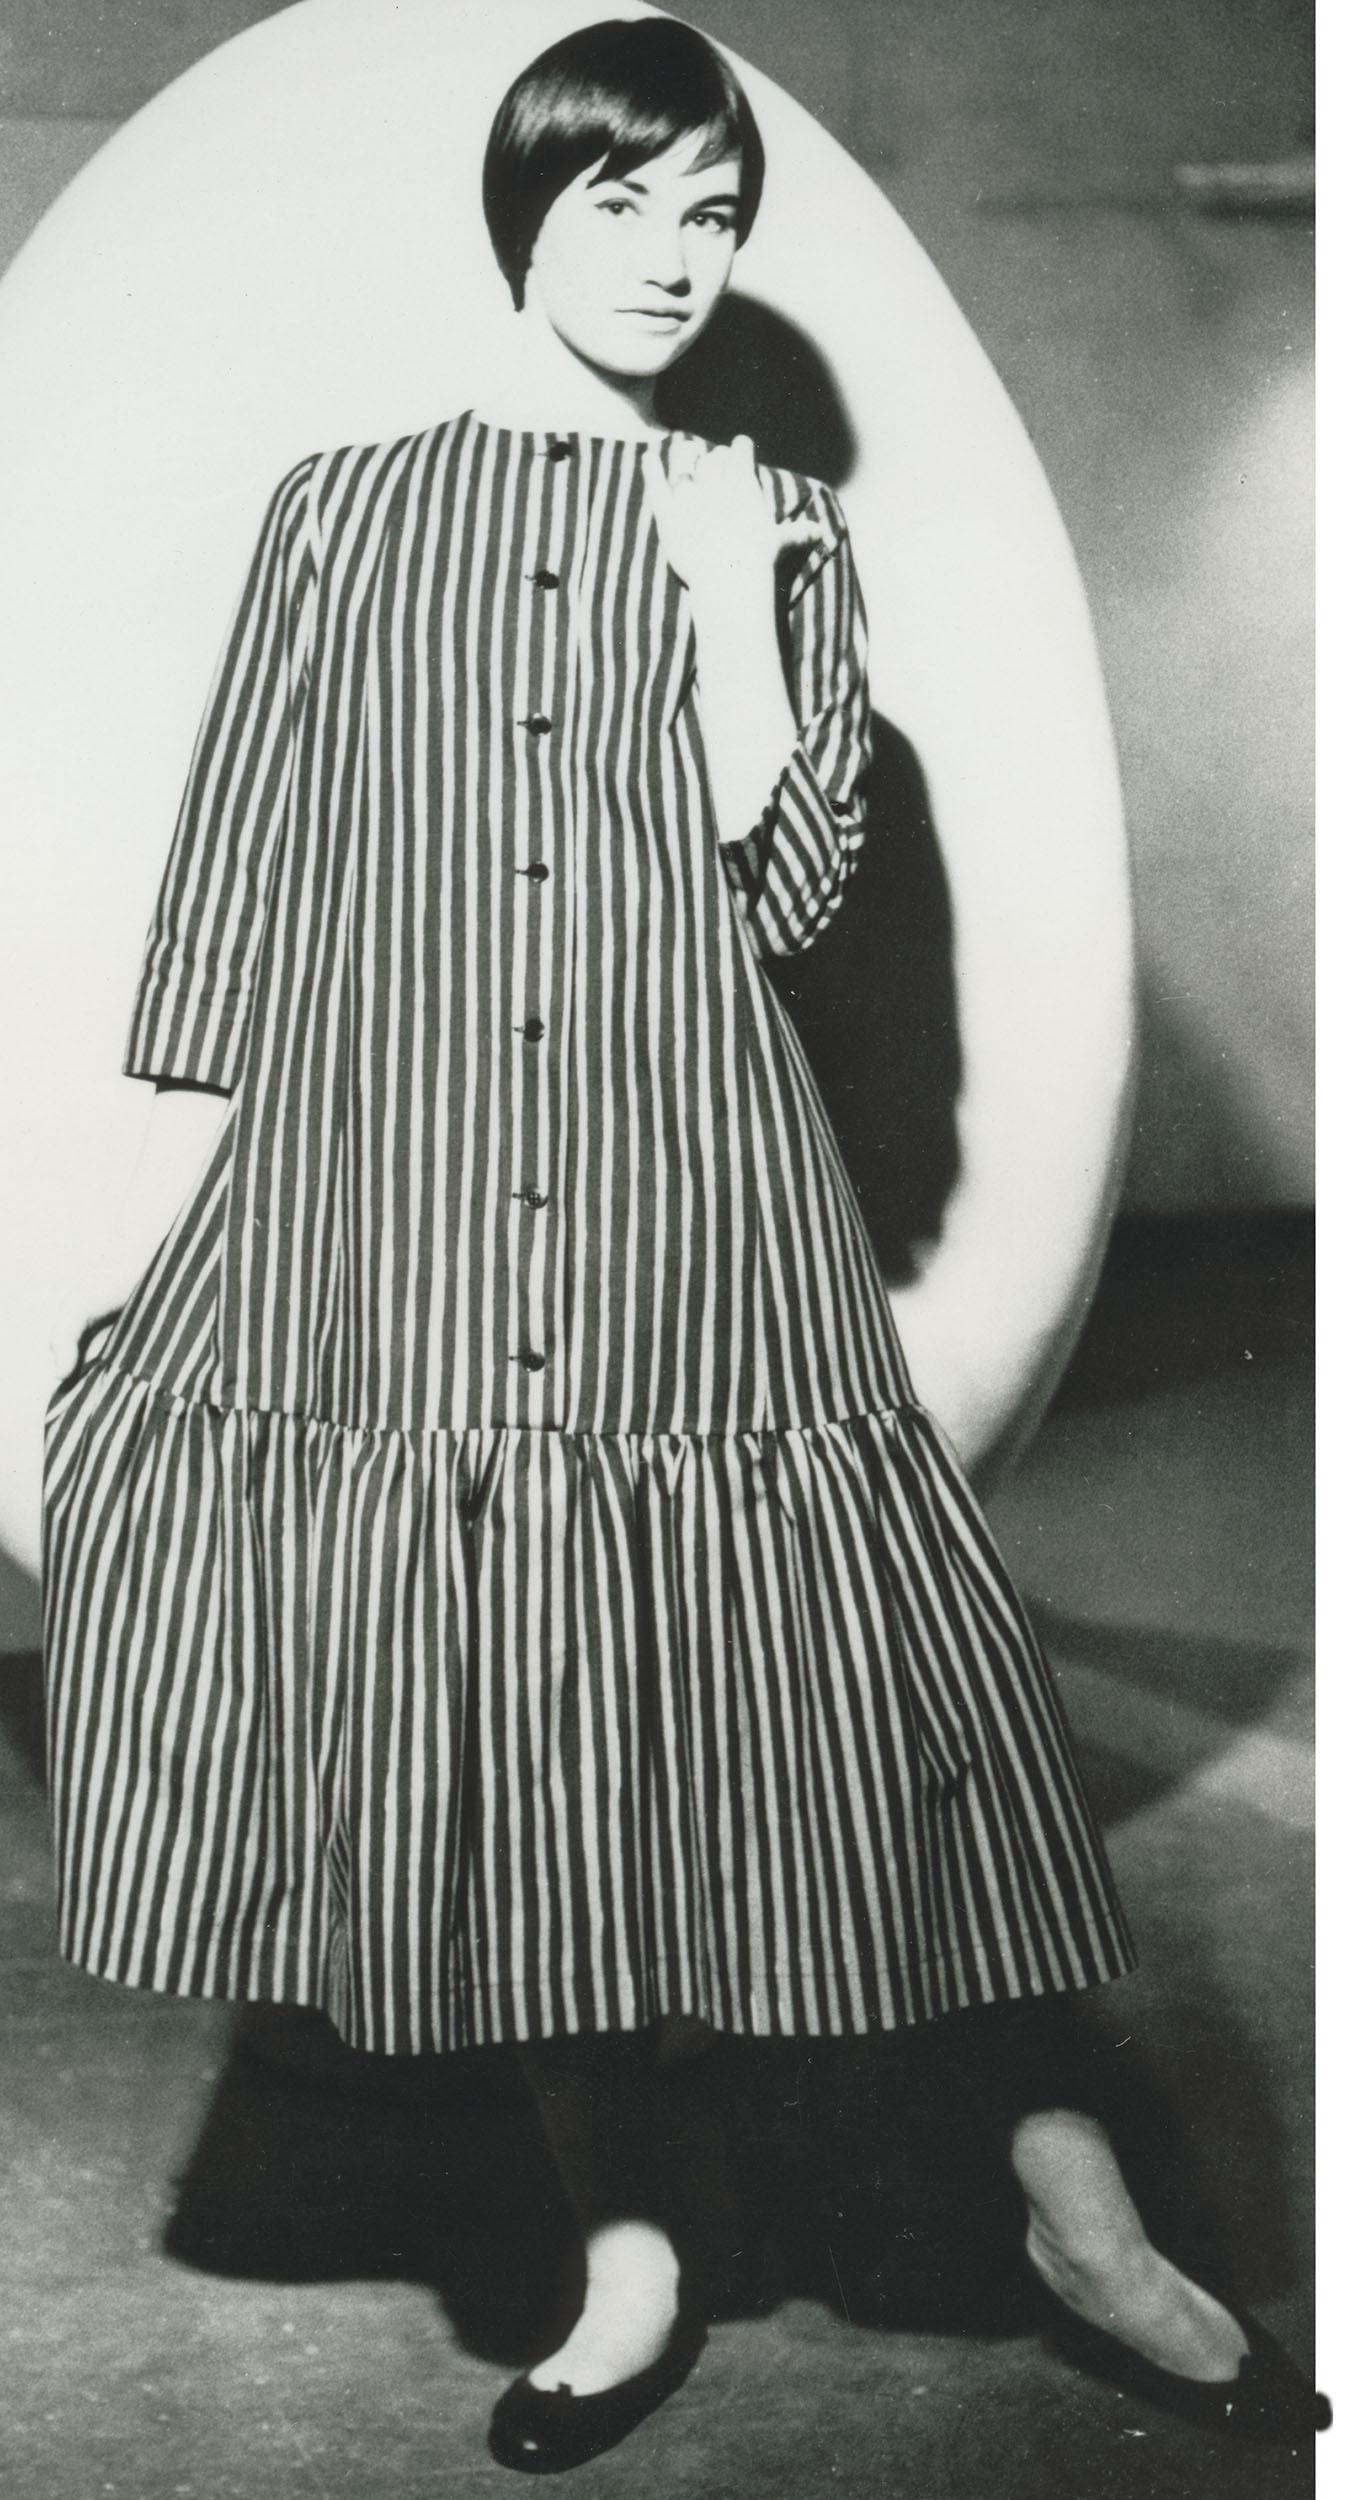 ドレス≪キヴィヤルカ≫、1957年 ファブリック≪ピッコロ≫(ピッコロ[擬音])、1953年、 服飾・図案デザイン:ヴオッコ・ヌルメスニエミ Design Museum Archive